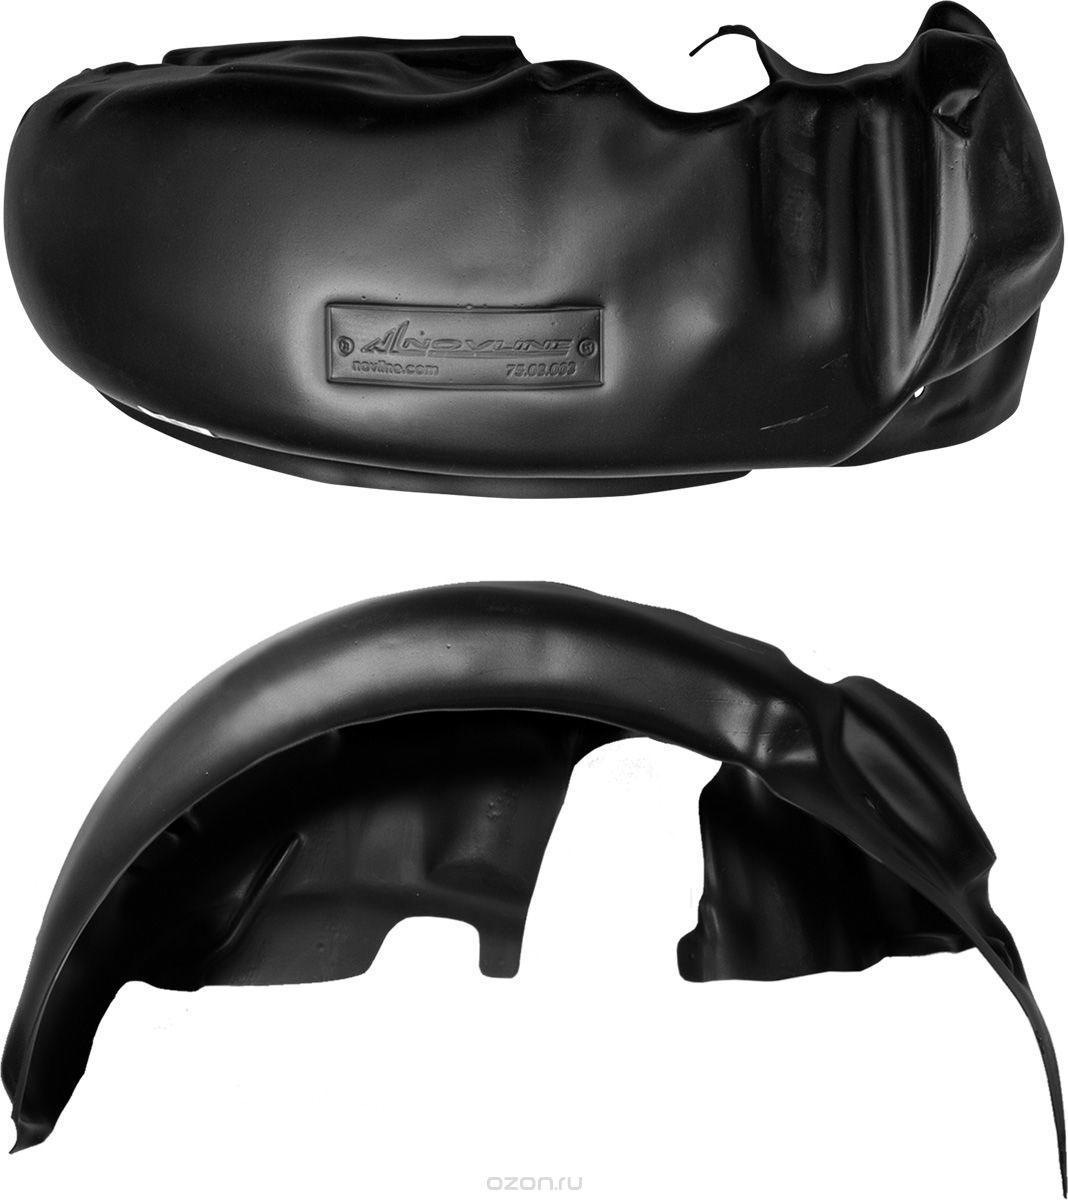 Подкрылок Novline-Autofamily, для ВАЗ 2105-07, 1982-2010, задний правый000214Идеальная защита колесной ниши. Локеры разработаны с применением цифровых технологий, гарантируют максимальную повторяемость поверхности арки. Изделия устанавливаются без нарушения лакокрасочного покрытия автомобиля, каждый подкрылок комплектуется крепежом. Уважаемые клиенты, обращаем ваше внимание, что фотографии на подкрылки универсальные и не отражают реальную форму изделия. При этом само изделие идет точно под размер указанного автомобиля.